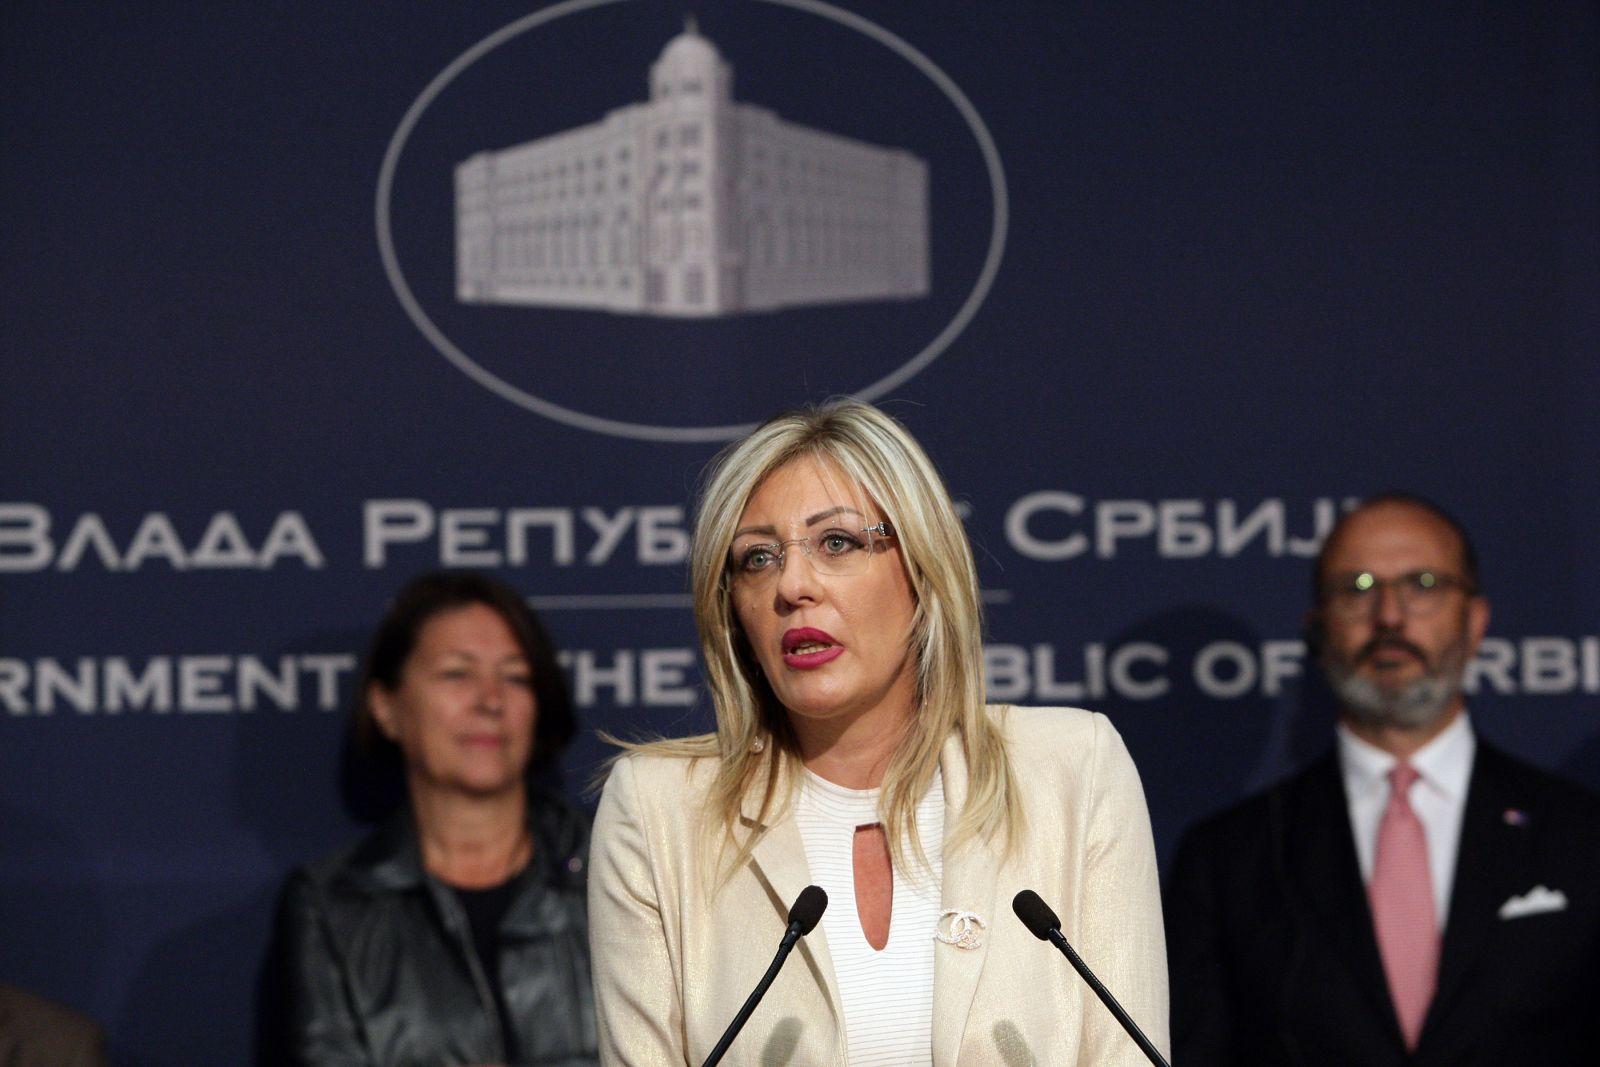 Ј. Јоксимовић: Не каснимо са упућивањем позива ОЕБС-у